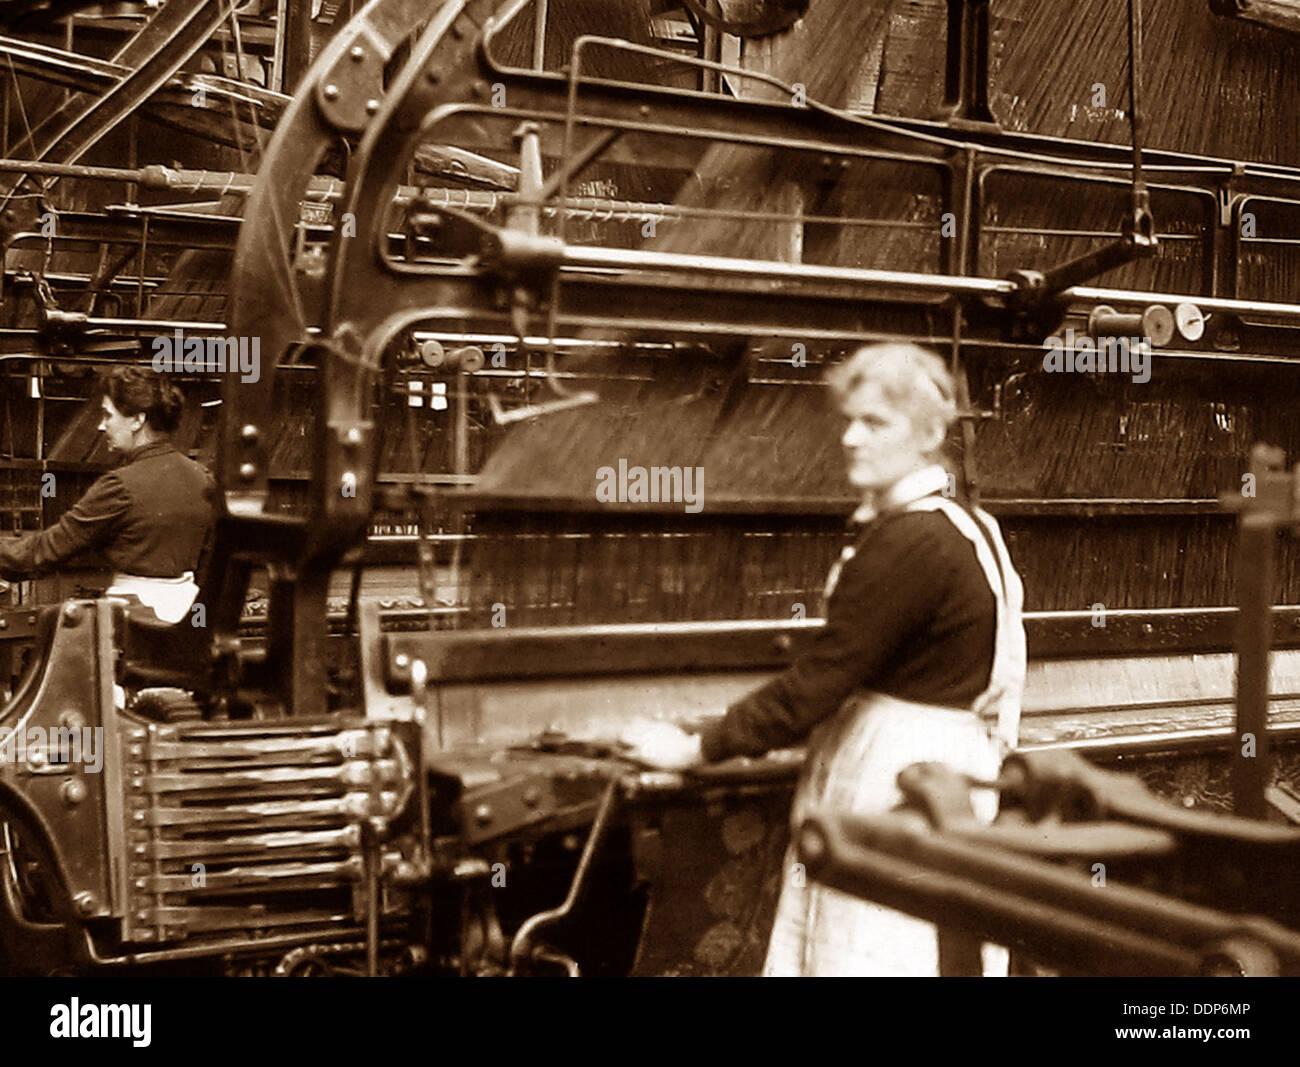 Operaio tessile primi 1900s Immagini Stock